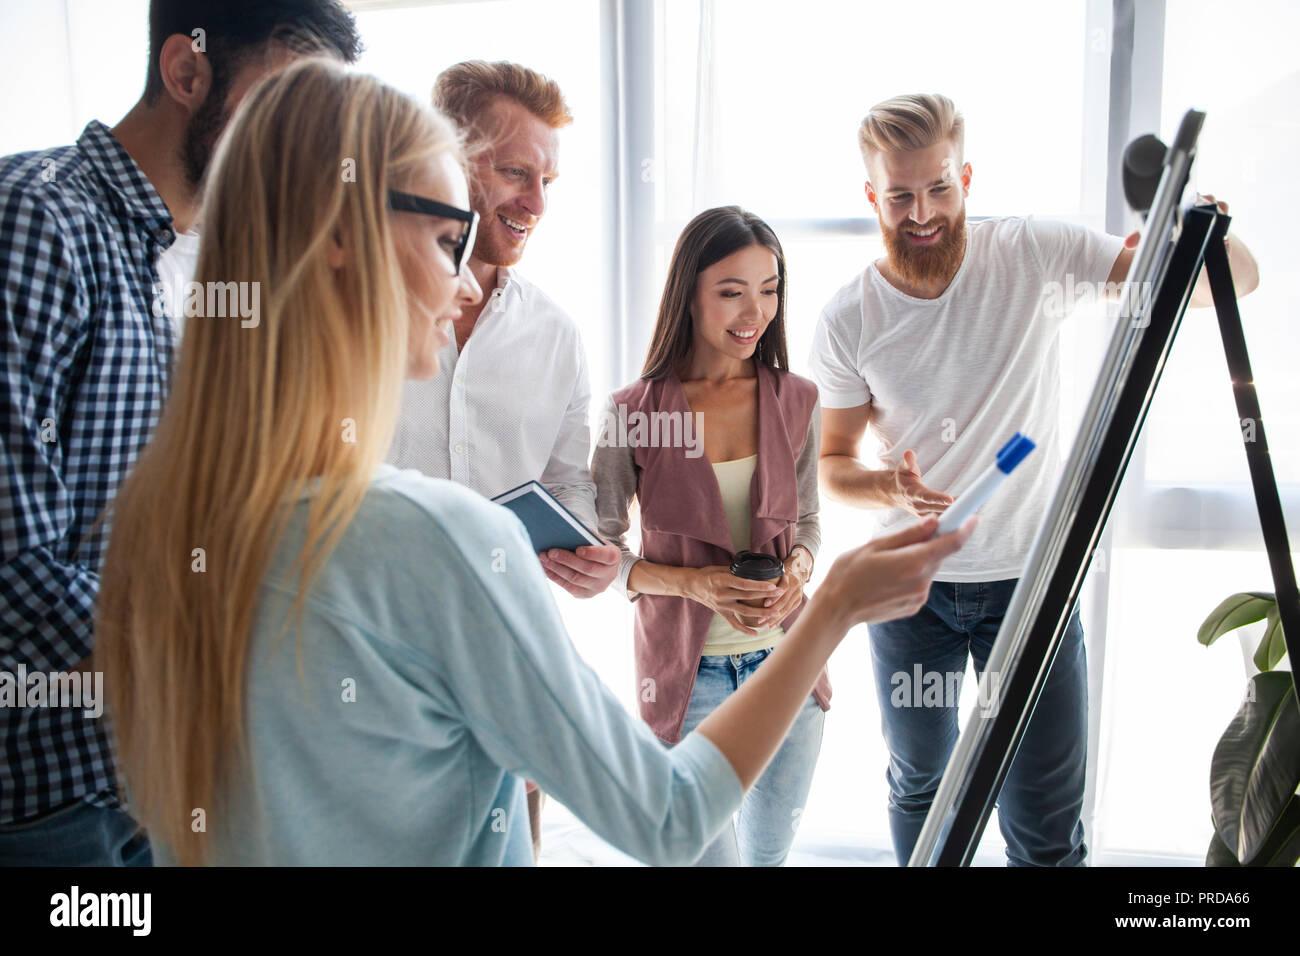 Grupo de jóvenes colegas vestidos casual de pie juntos en la oficina moderna y la reflexión. Imagen De Stock